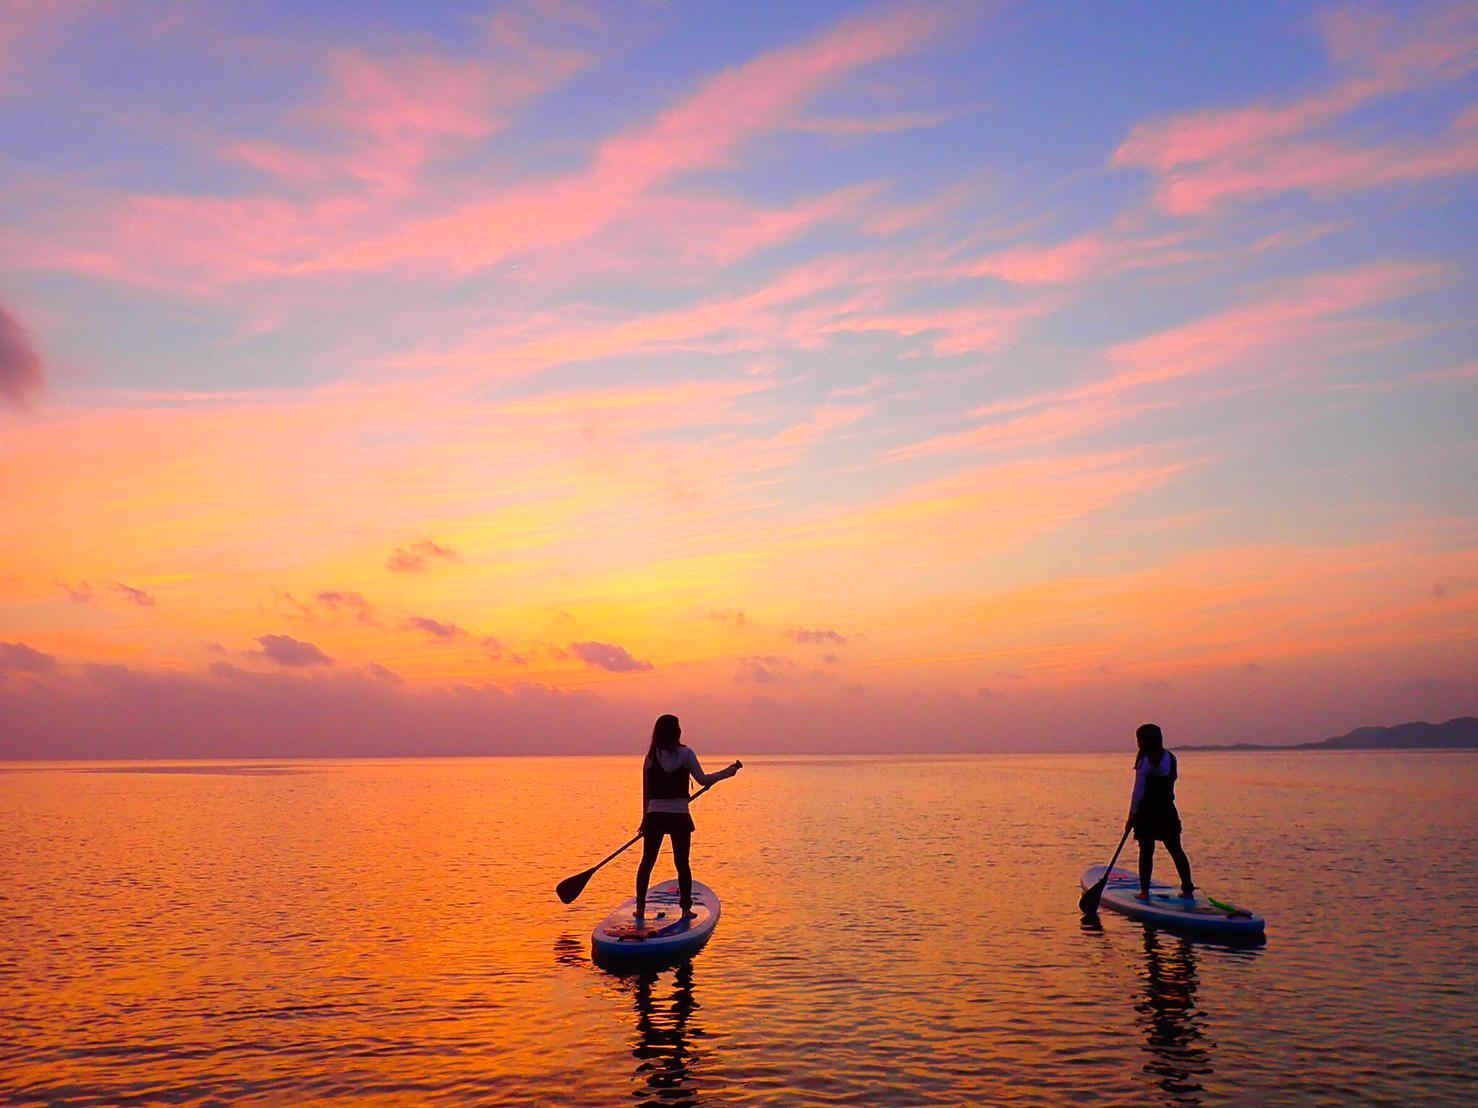 サンセットが美しい名蔵湾